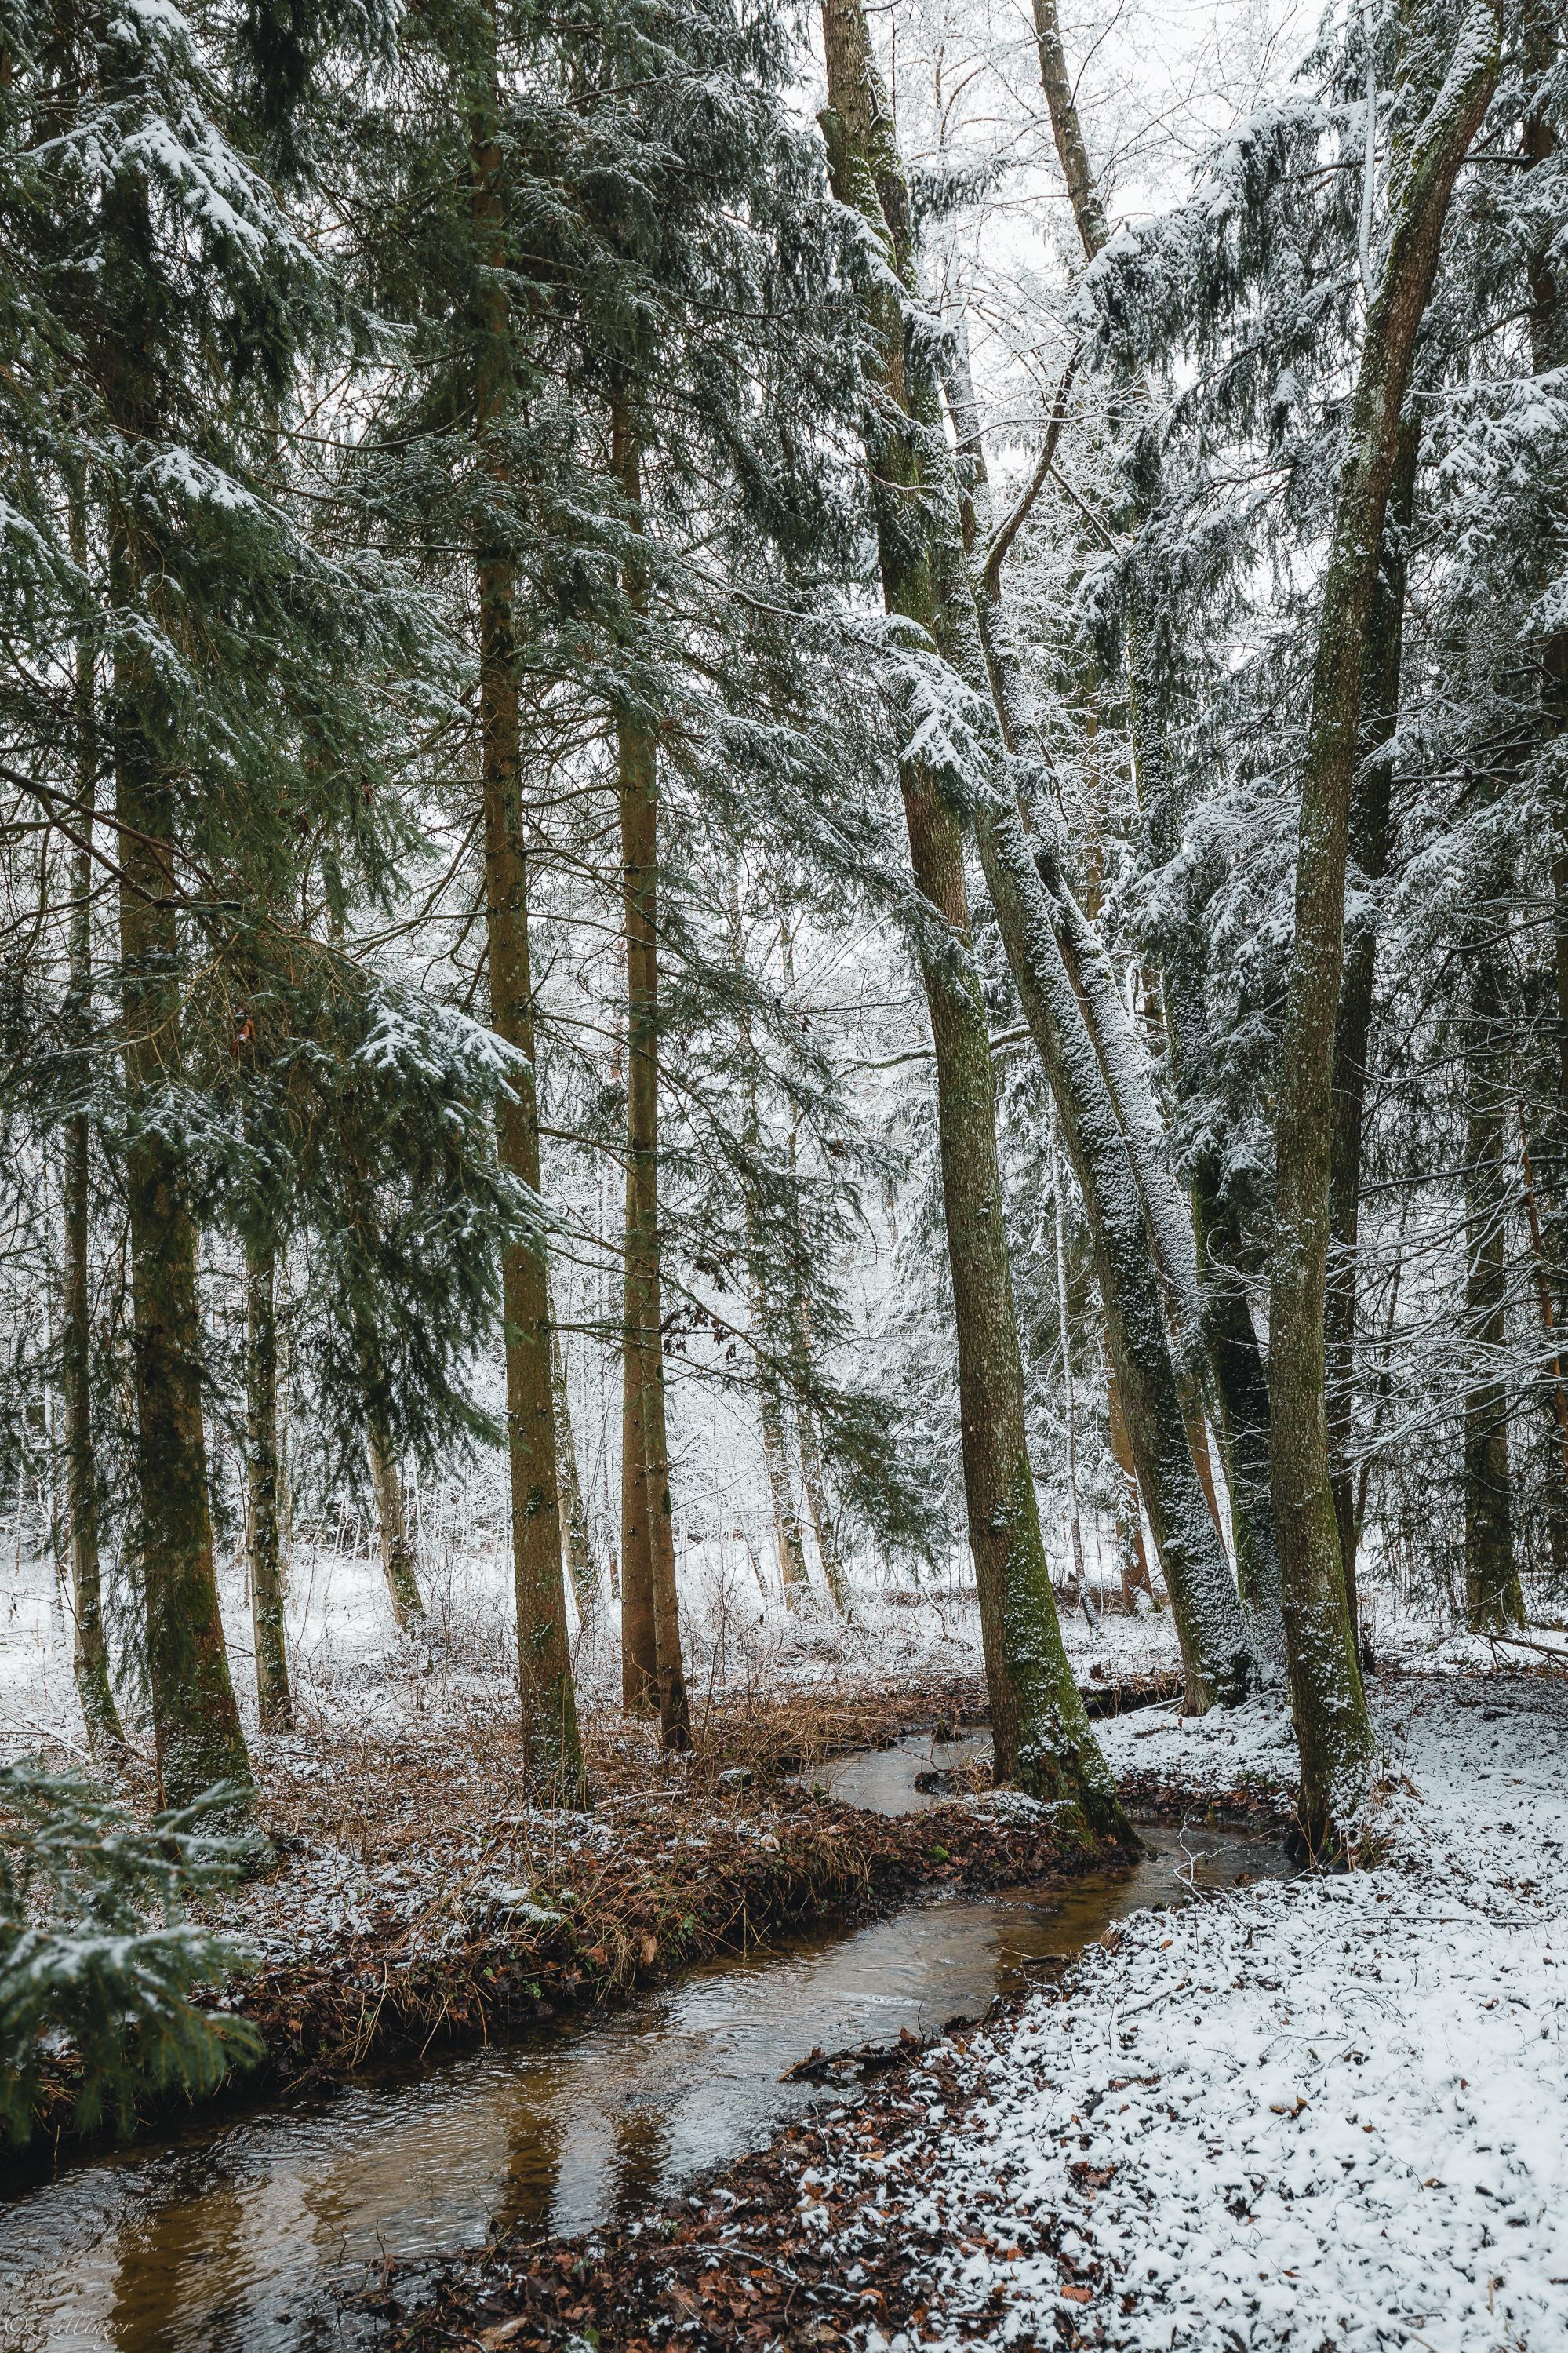 105514 скачать обои Природа, Ручей, Лес, Деревья, Снег, Зима, Сосны - заставки и картинки бесплатно